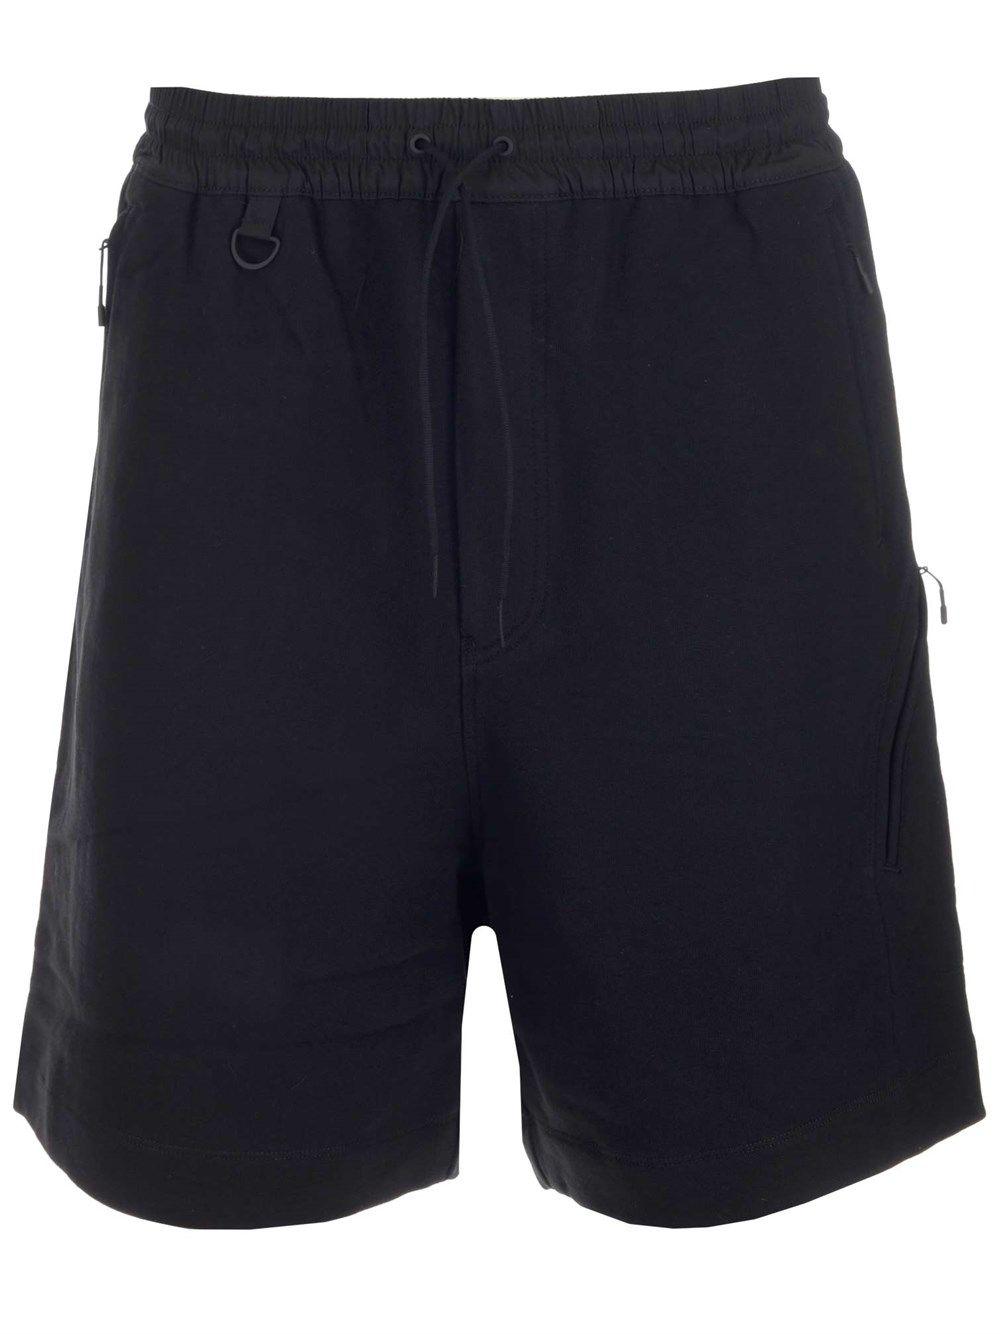 Adidas Y-3 Yohji Yamamoto Shorts ADIDAS Y-3 YOHJI YAMAMOTO MEN'S BLACK OTHER MATERIALS SHORTS